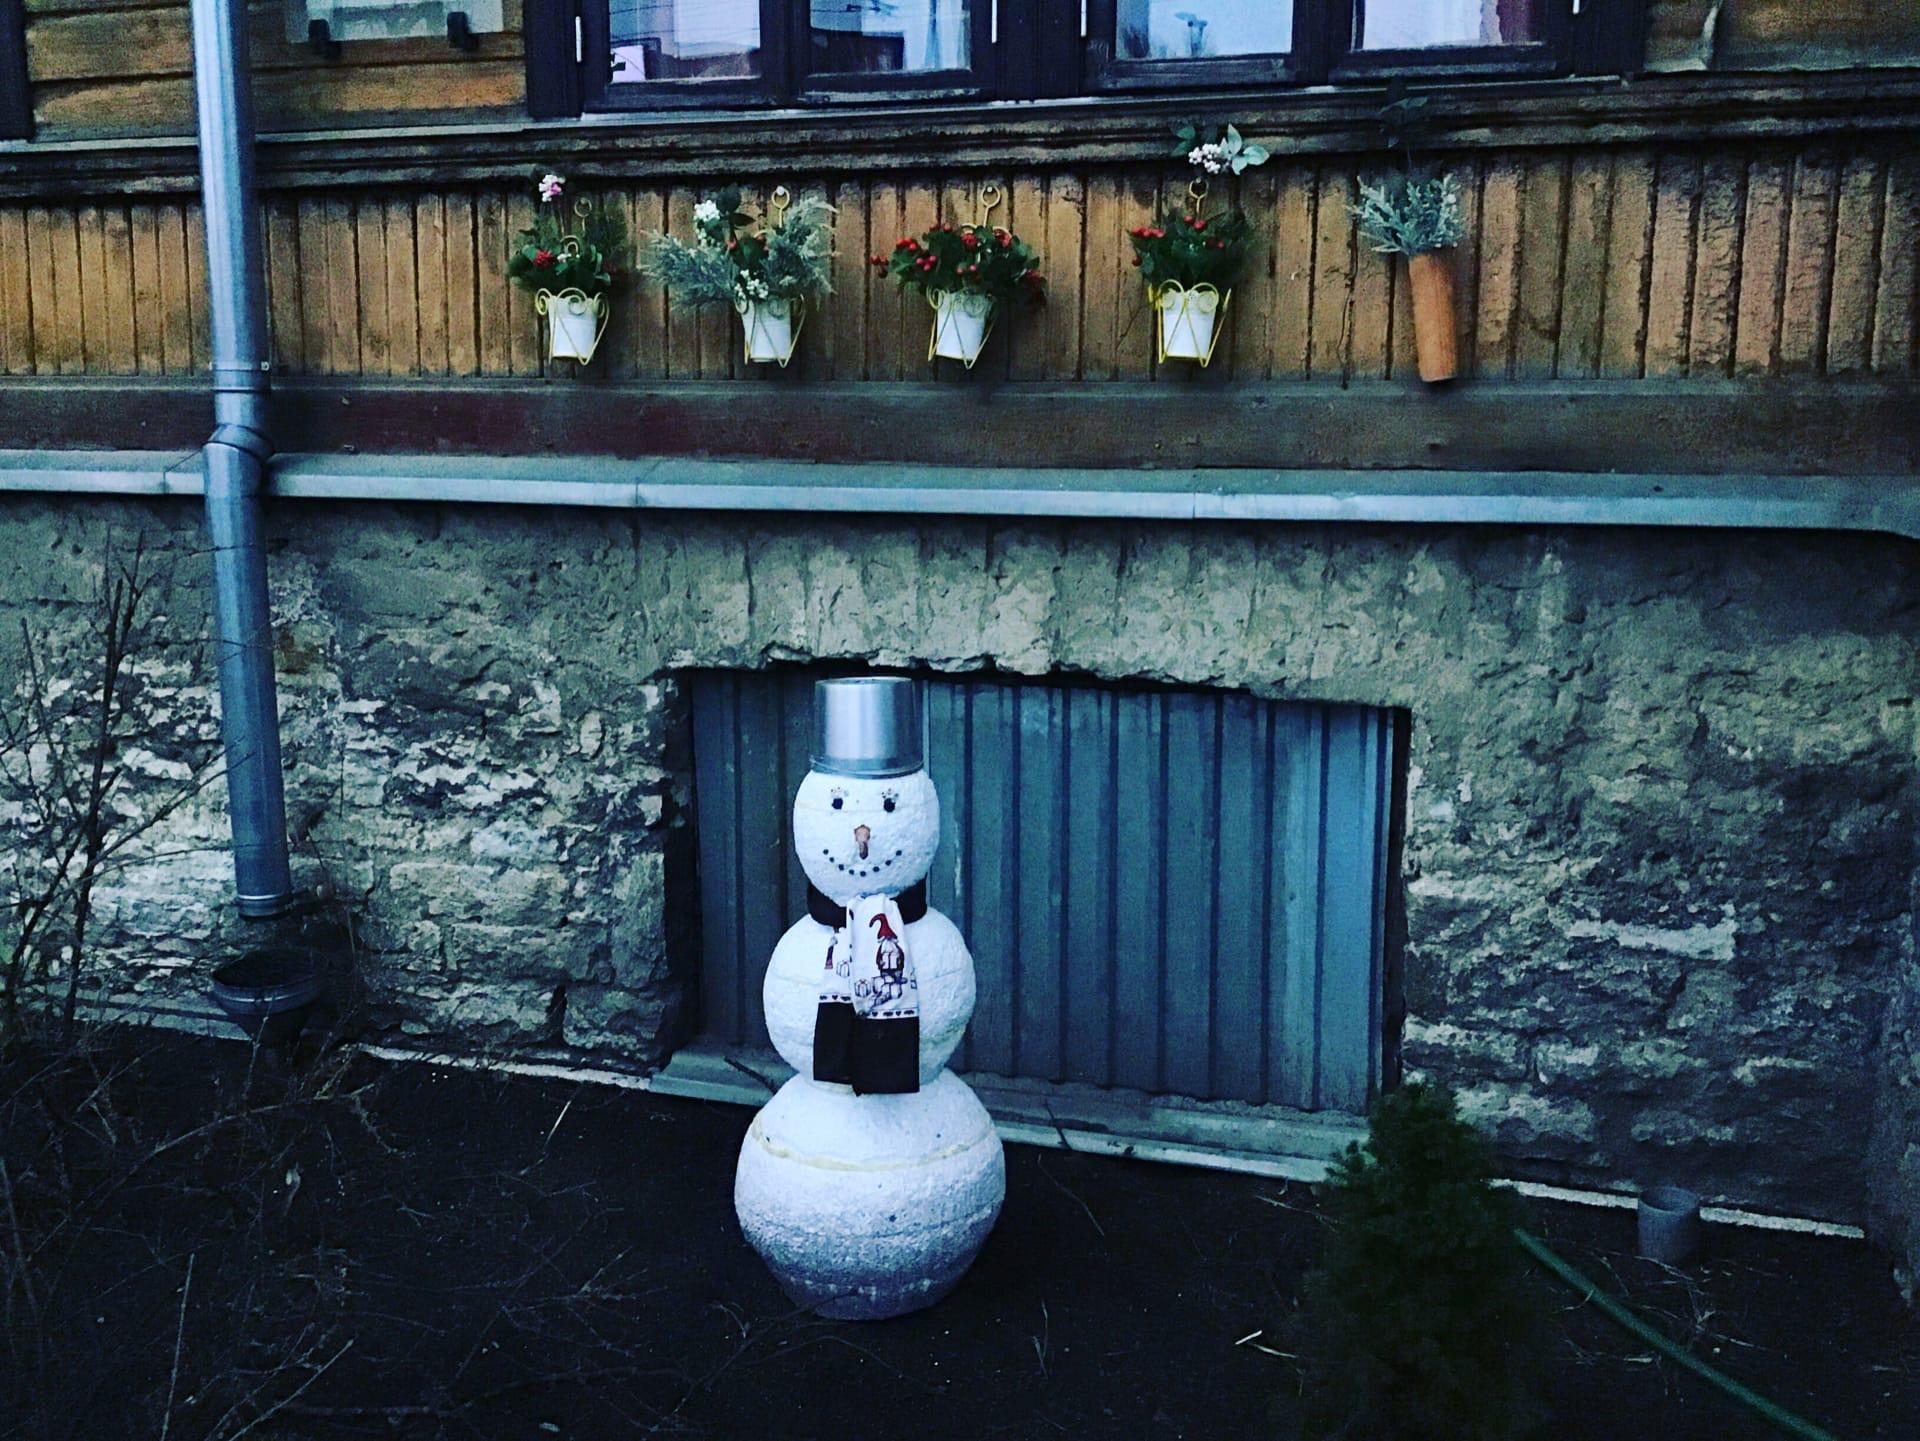 В Таллине тоже зима весьма условная сейчас.